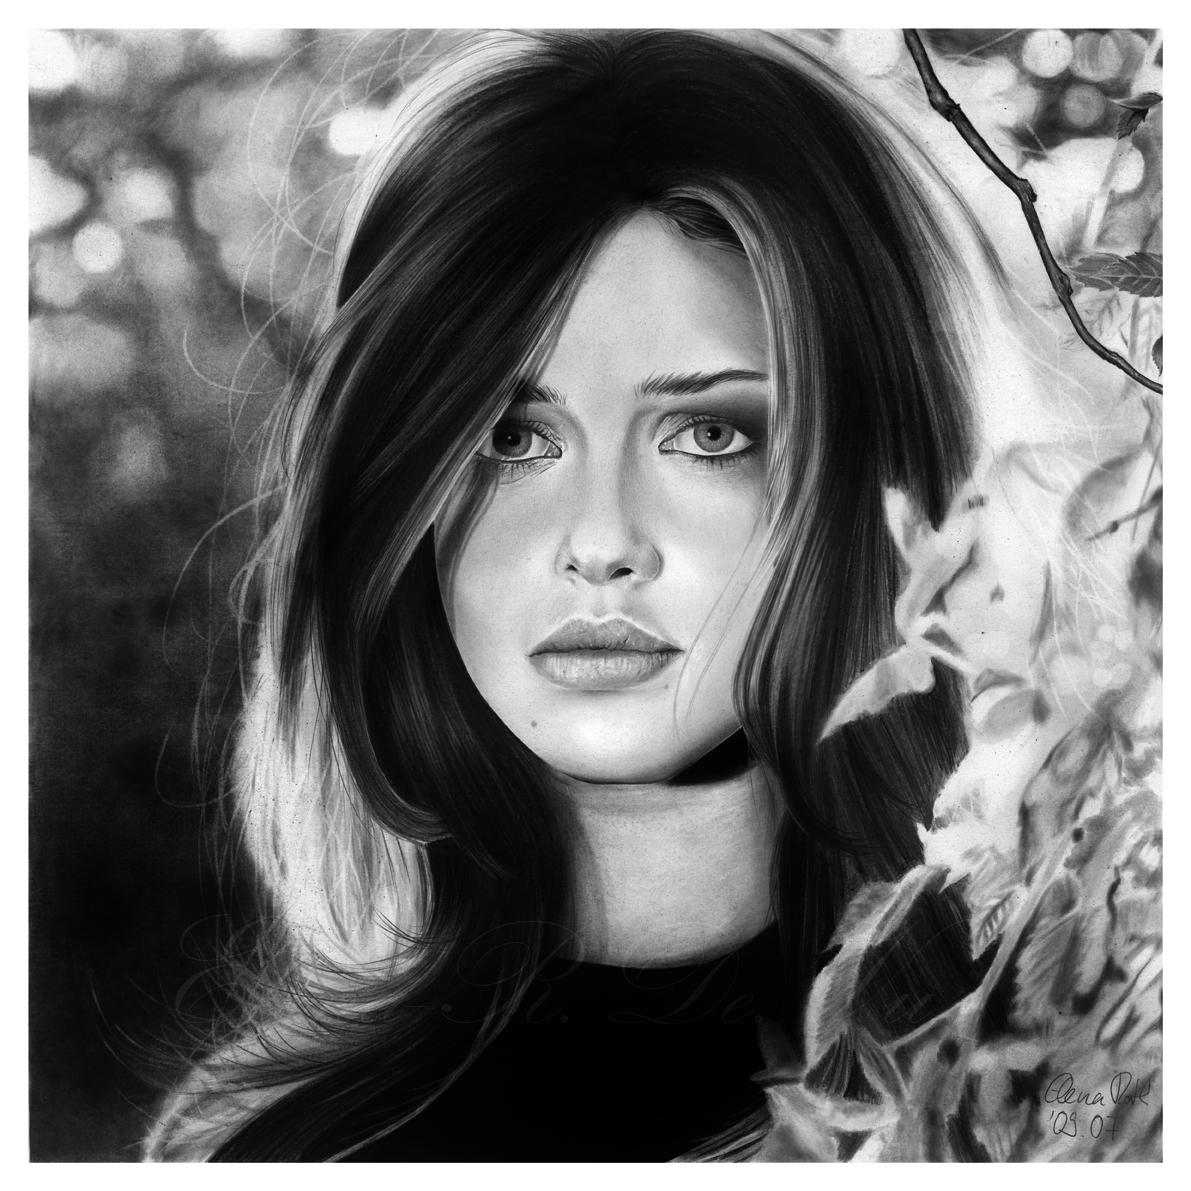 Marie online teen model 2000